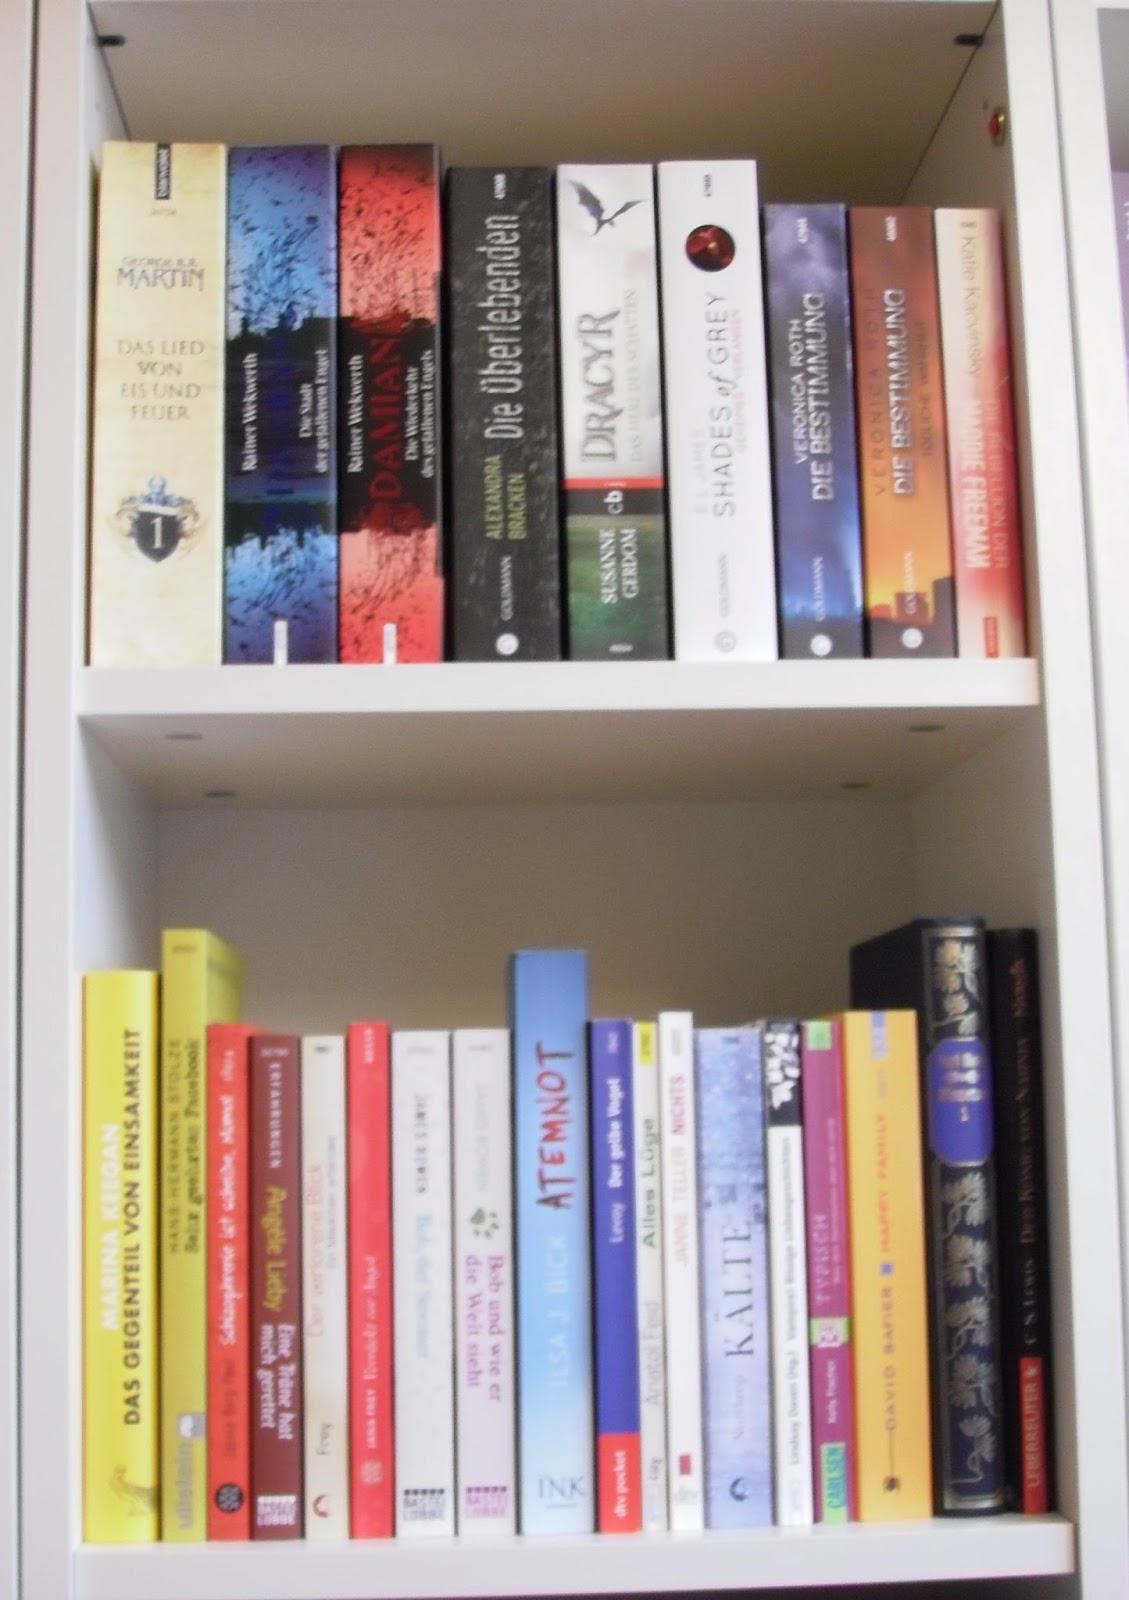 Bücherreihe regal  Bücherblog ~ Dragonfly: Meine Bücher